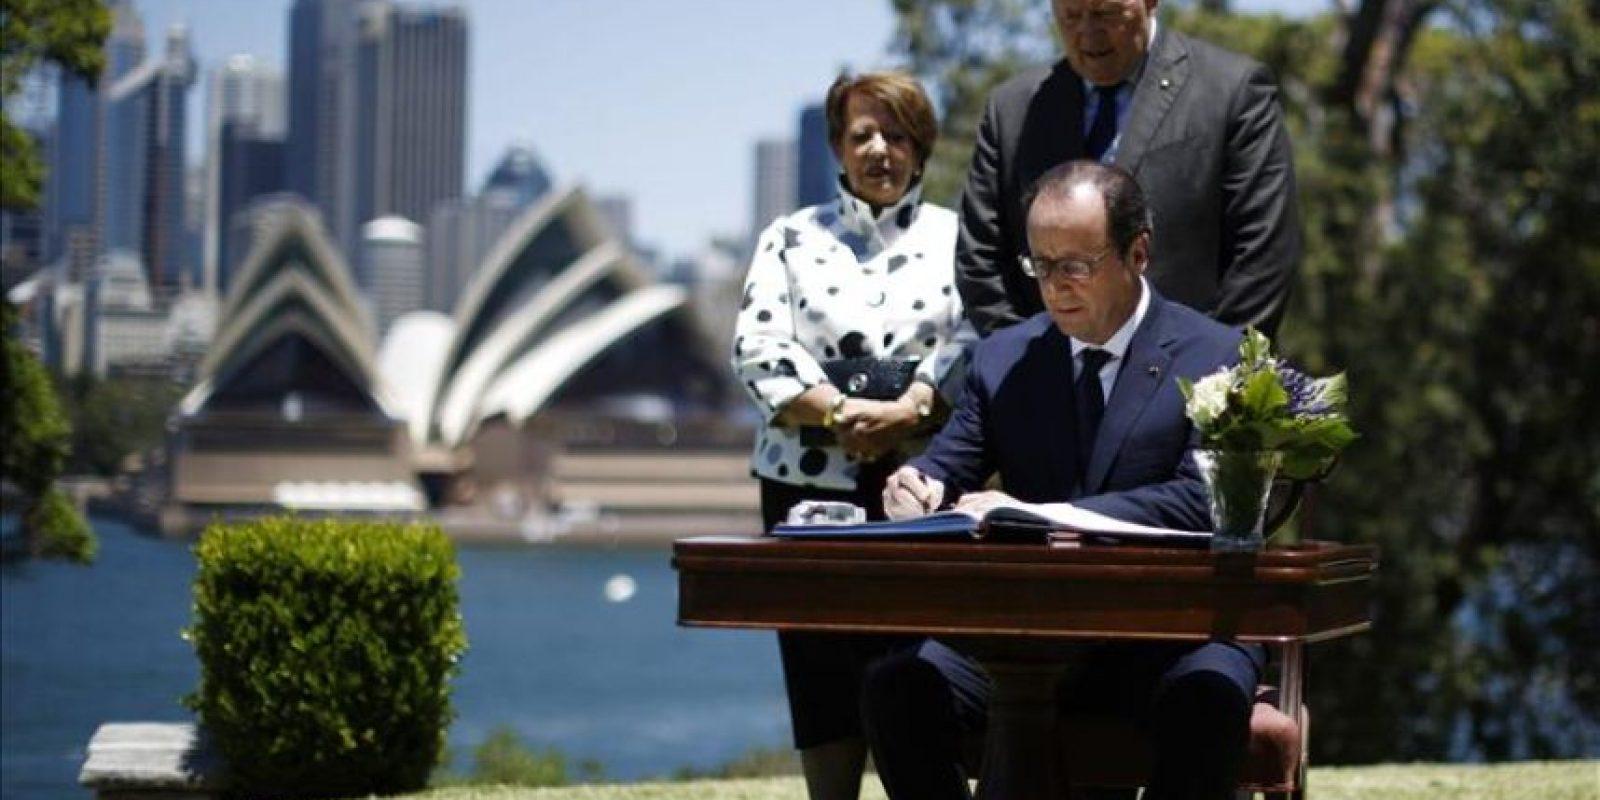 El presidente francés, Francois Hollande (c), firma el libro de visitas del Sydney Opera House junto al gobernador general australiano, Peter Cosgrove, y su esposa, Lynne Cosgrove, en Sídney (Australia) hoy, martes 18 de noviembre de 2014. Hollande se encuentra en el país tras atender la cita de la cumbre de líderes del G20 en Brisbane. EFE